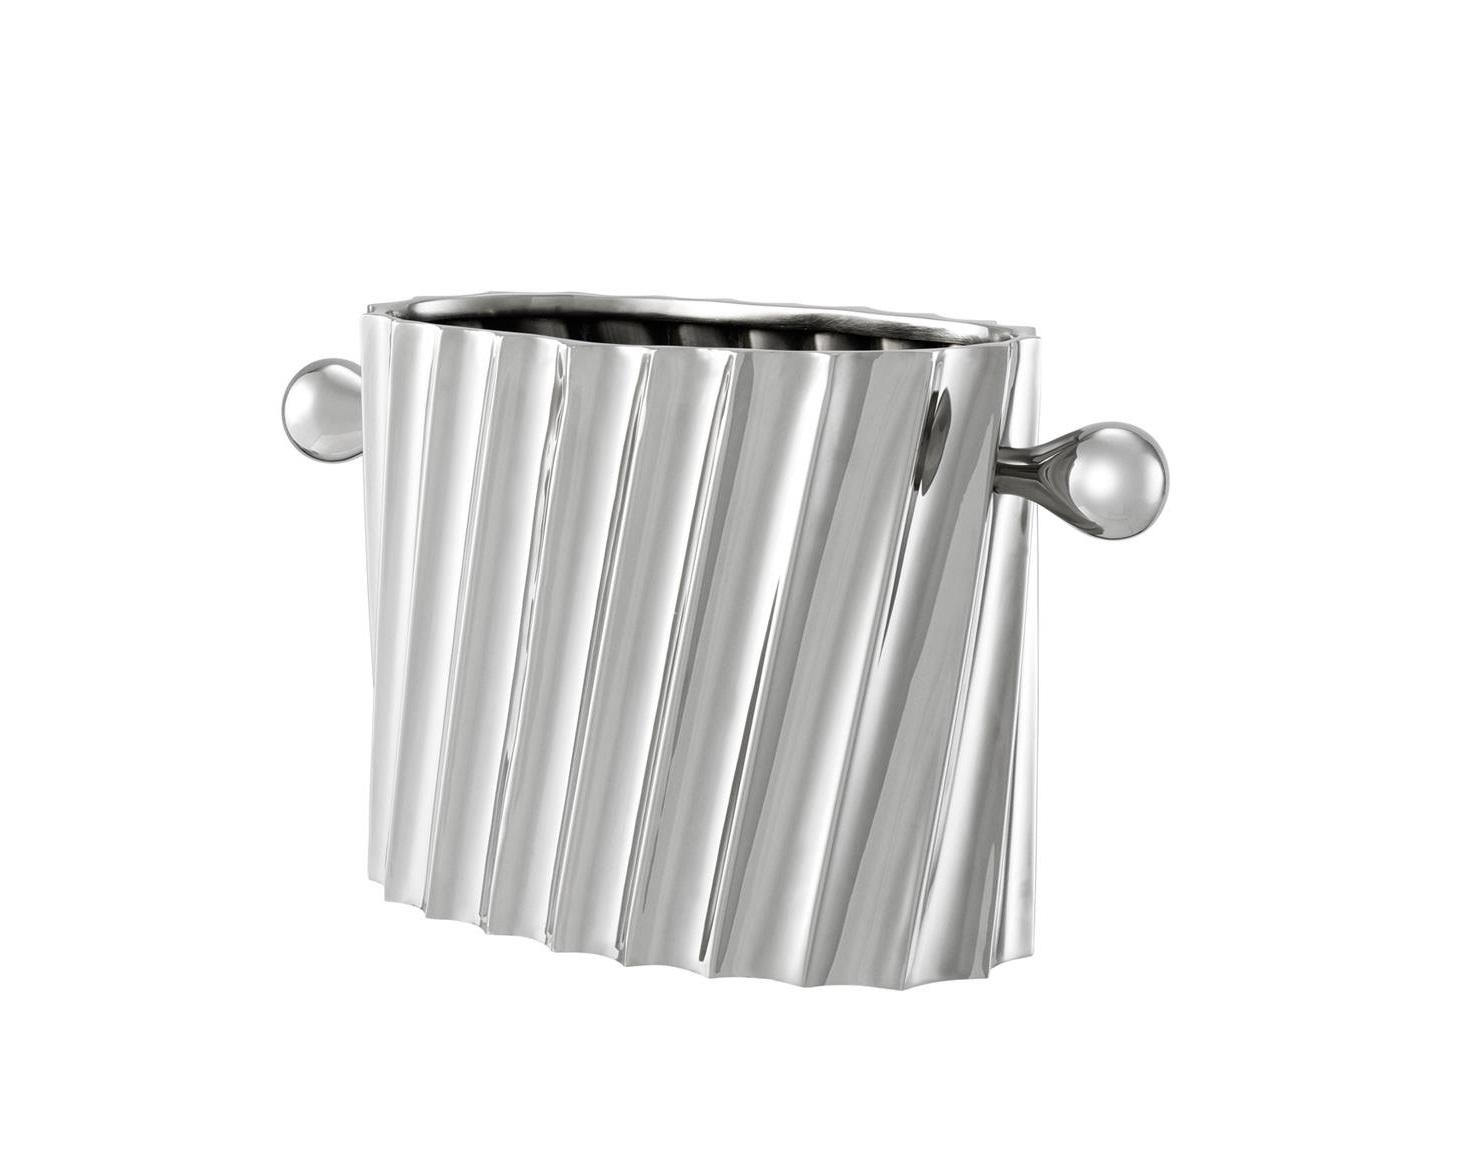 Ведро для льдаПодставки и доски<br>Ведро для льда Wine Cooler Napa выполнено из металла цвета никель.<br><br>Material: Металл<br>Ширина см: 31.0<br>Высота см: 17<br>Глубина см: 13